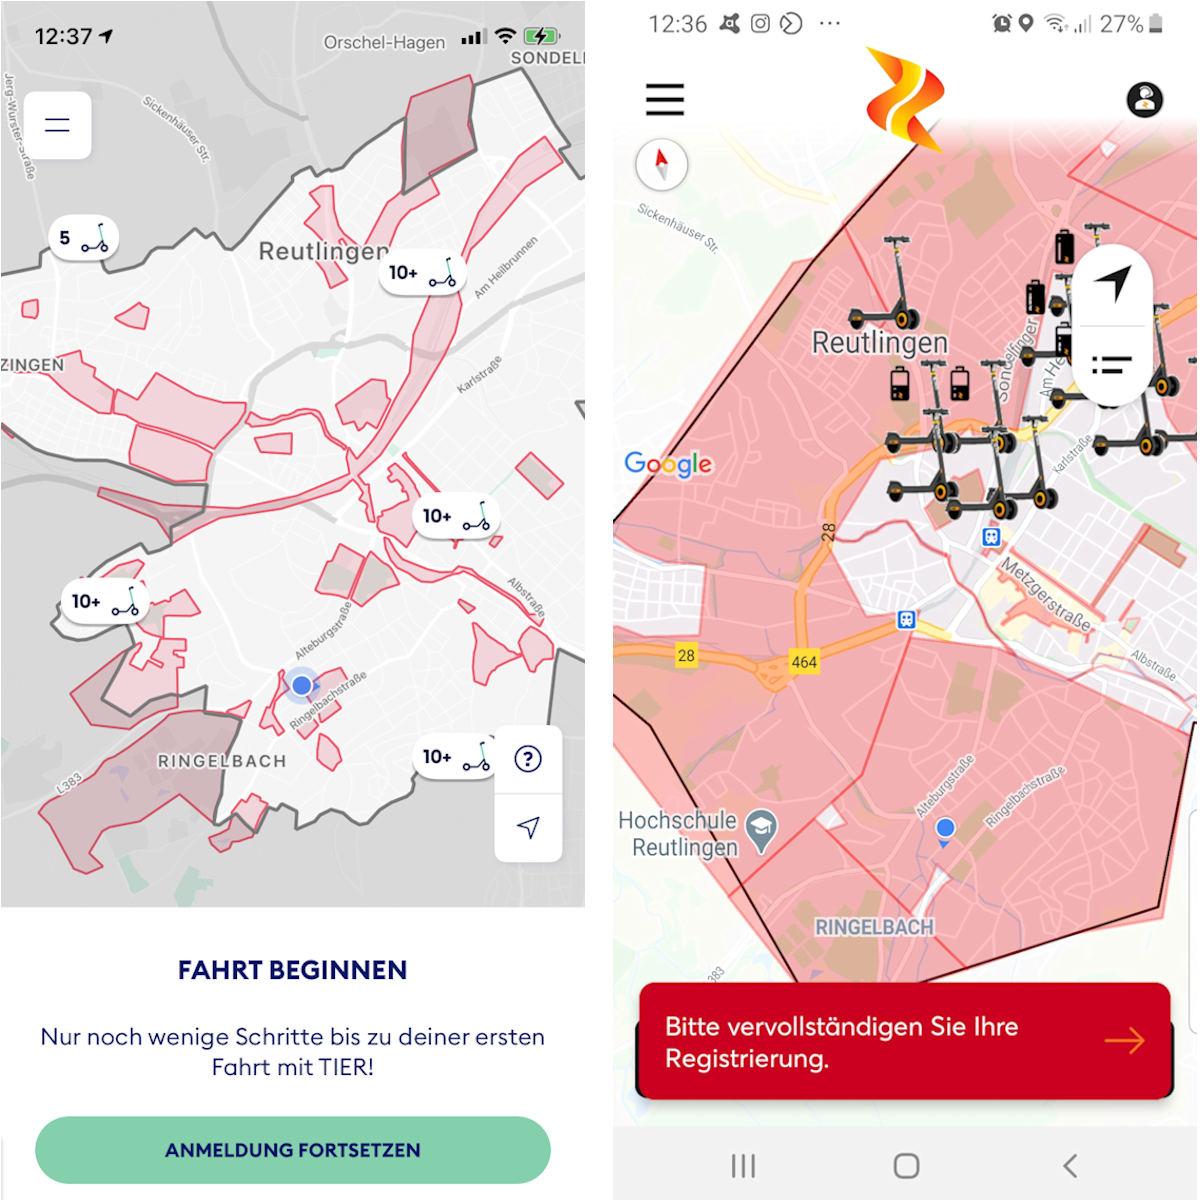 Screenshots der Apps von TIER und ZEUS